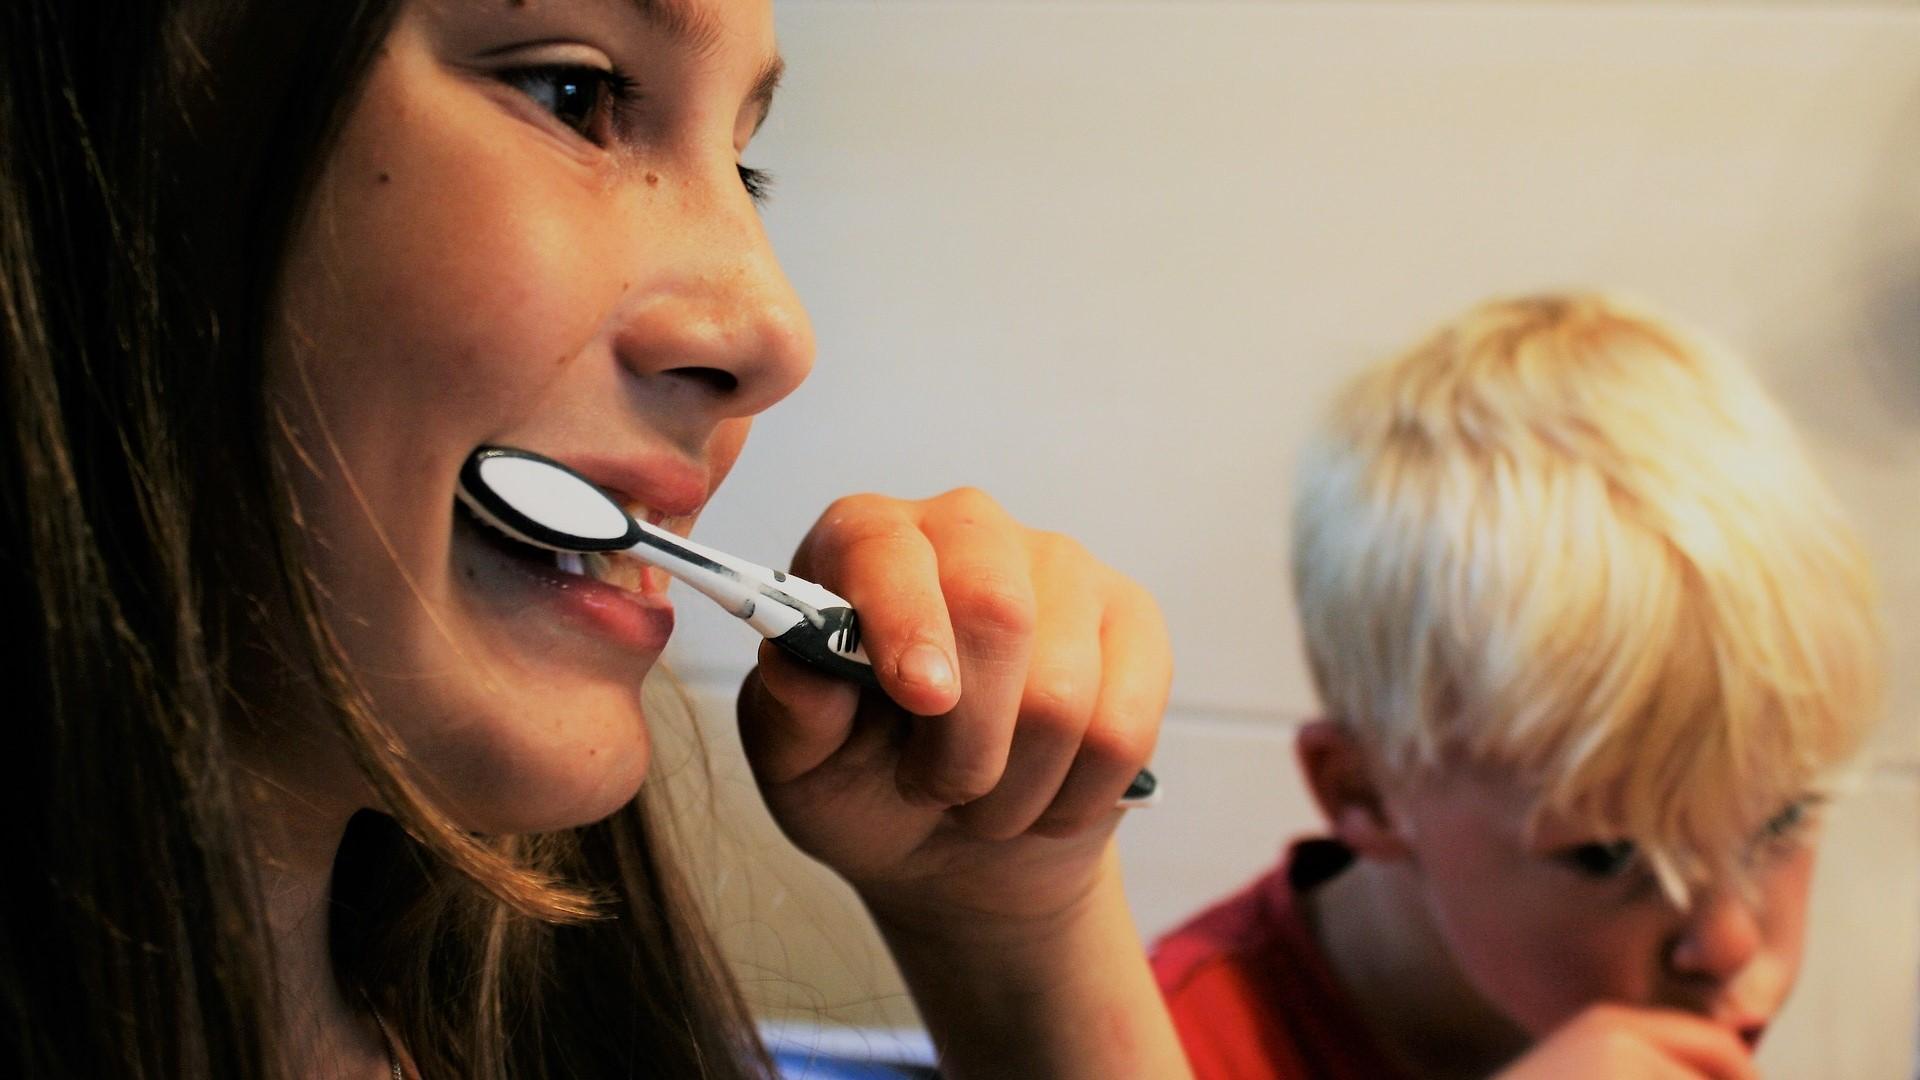 Um gelben Zähne bei Kindern vorzubeugen, ist tägliches und besonders gründliches Zähneputzen sehr wichtig.